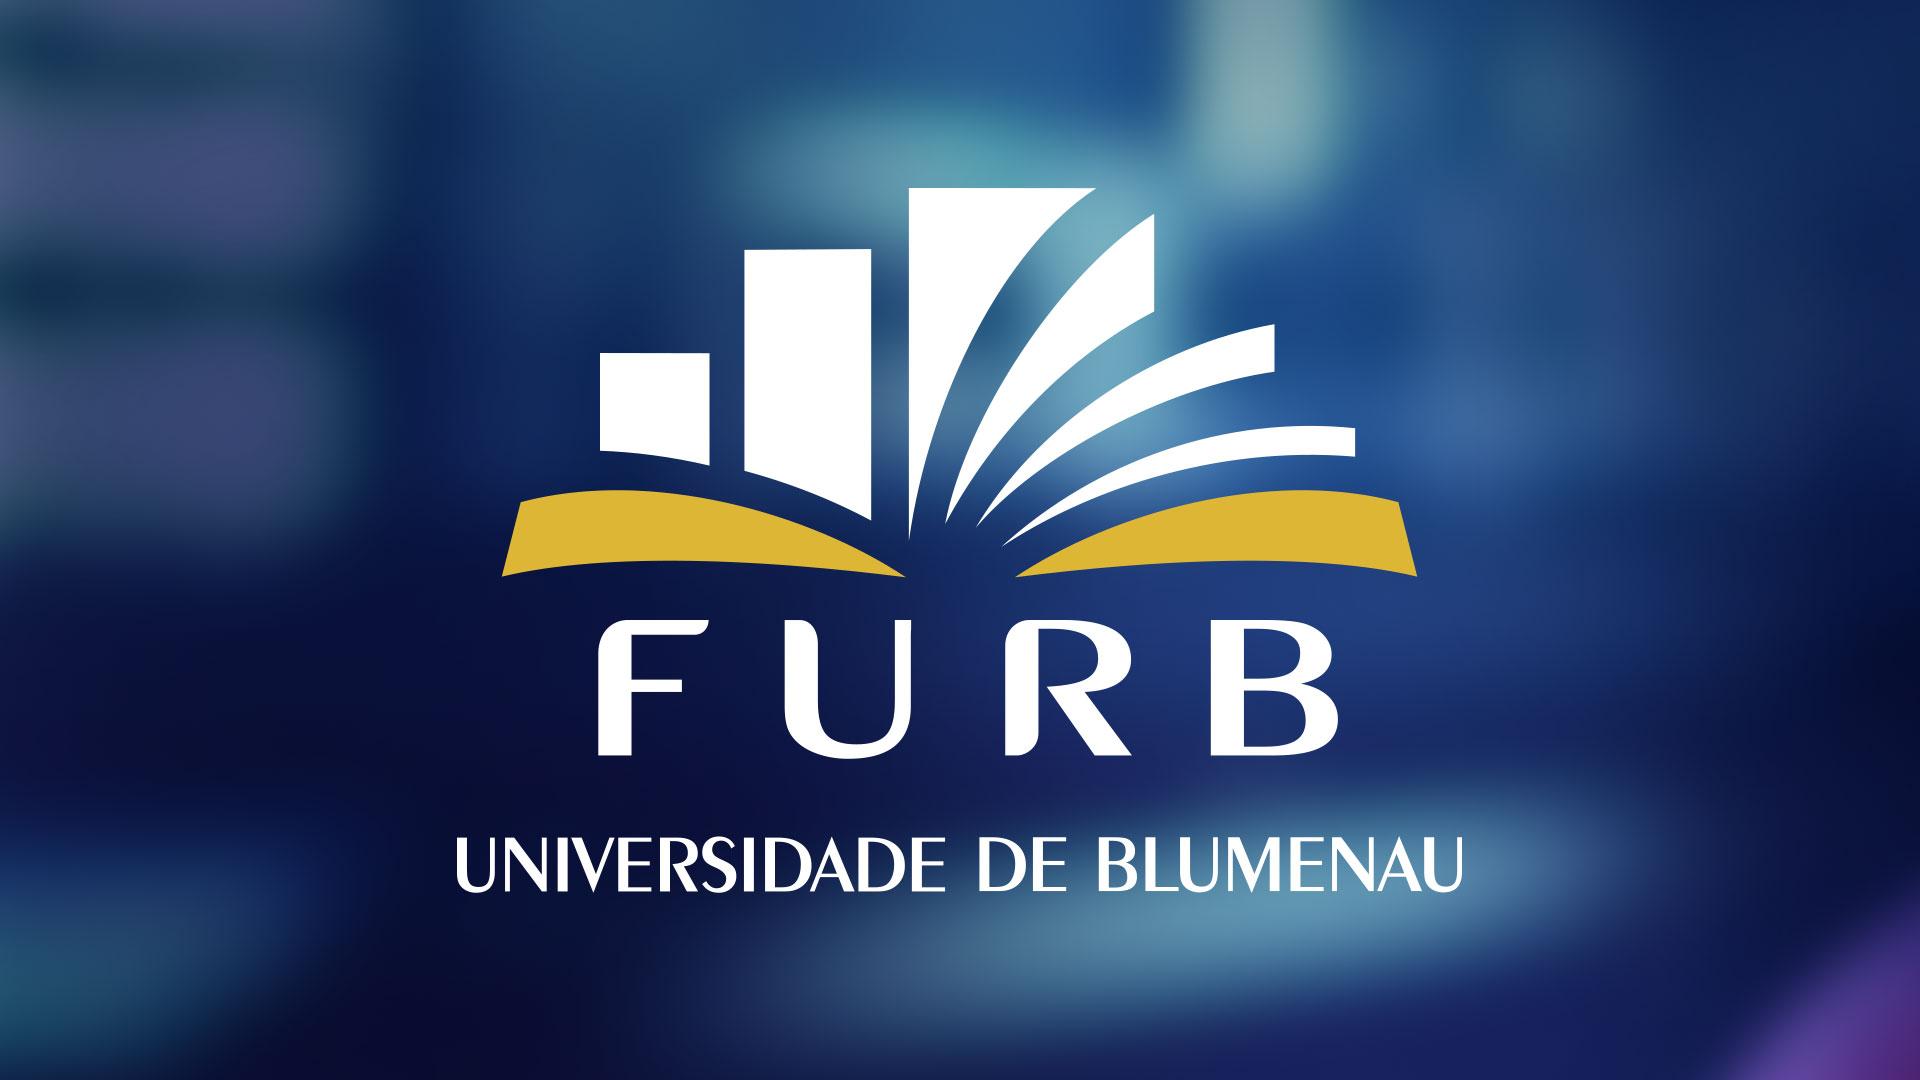 12219_FURB_Pós-Graduaçãoe-CurtaDuracao_2019_VT_Storyboard3.jpg